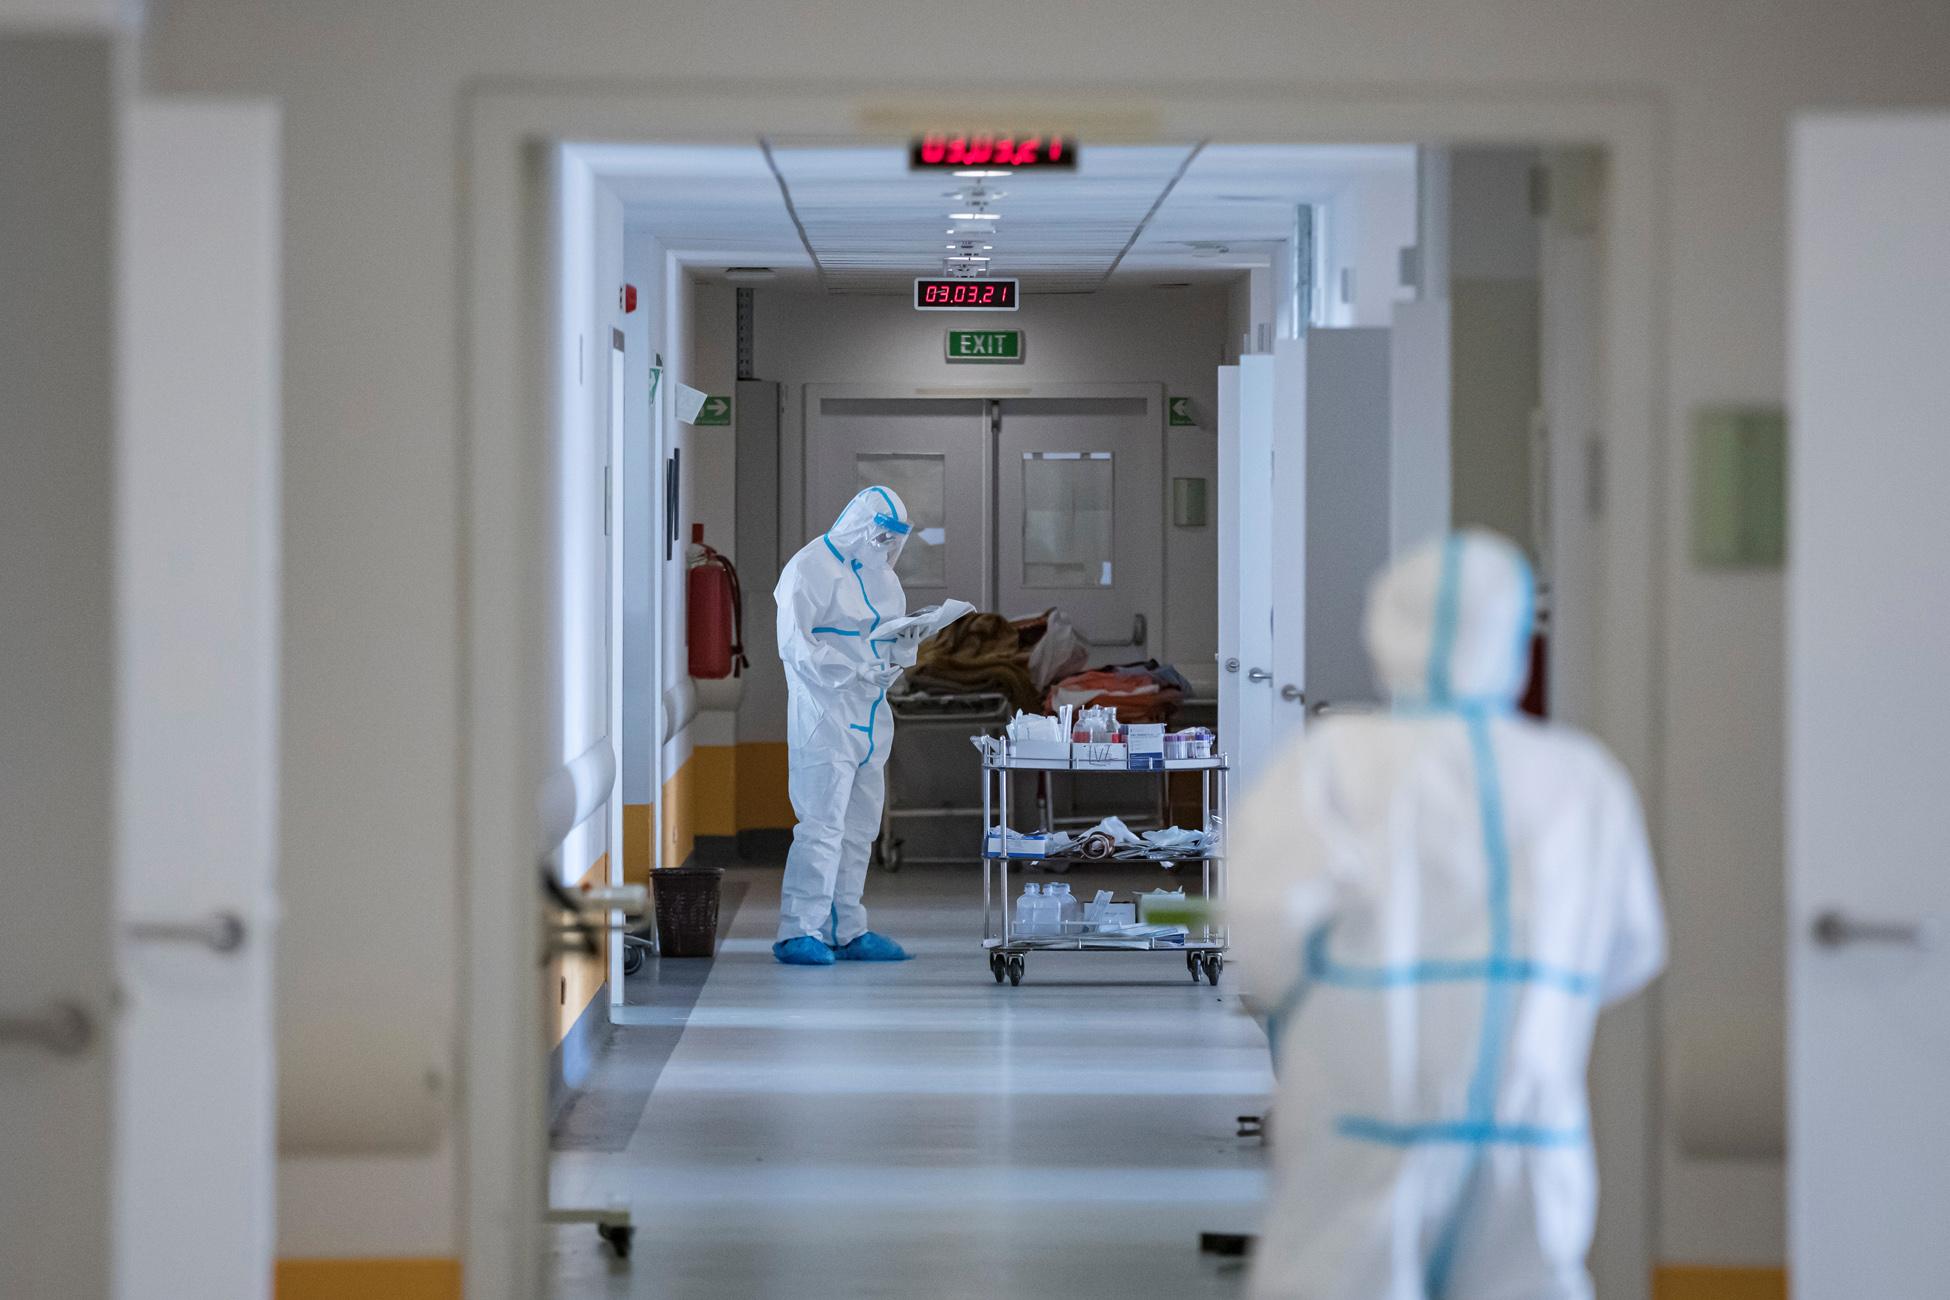 Ξάνθη – Κορονοϊός: ΜΕΘ τέλος επειδή δεν υπάρχουν γιατροί – Το παράδοξο στο νοσοκομείο της πόλης